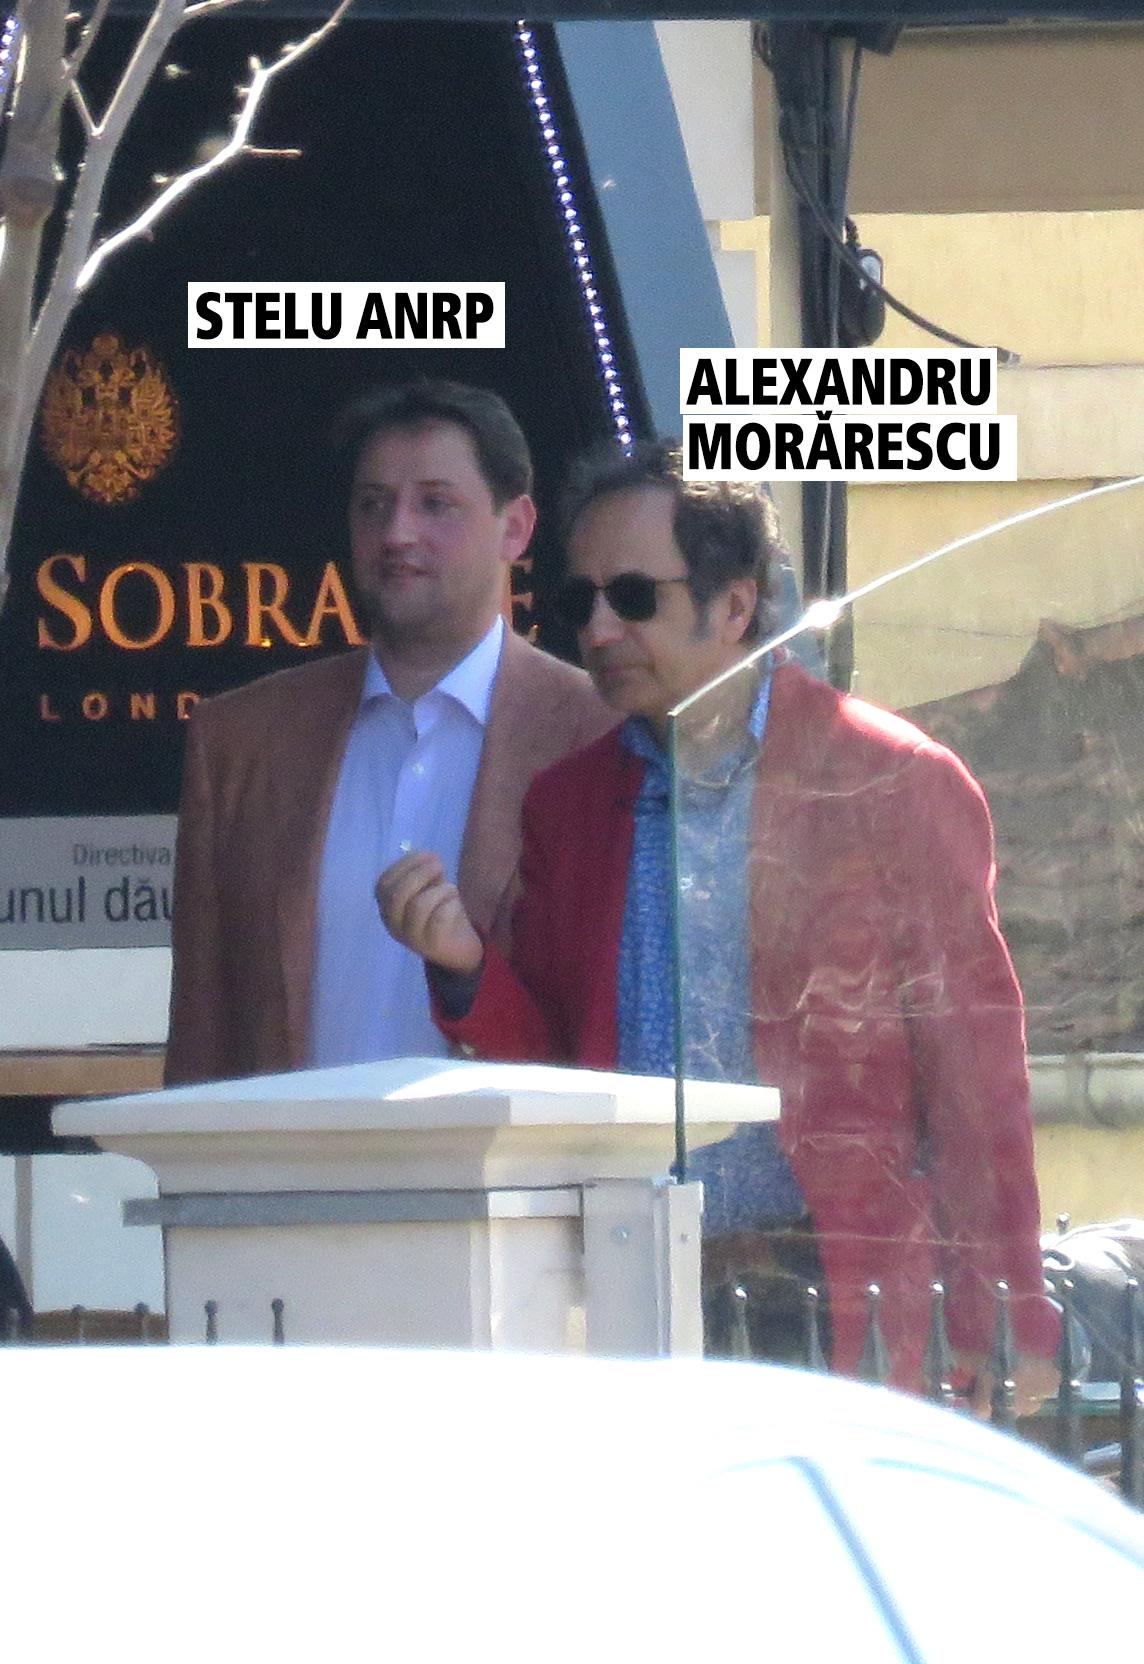 """Stelu şi l-a """"apropiat"""" pe unul dintre cei mai buni avocaţi români, Alexandru Morărescu"""